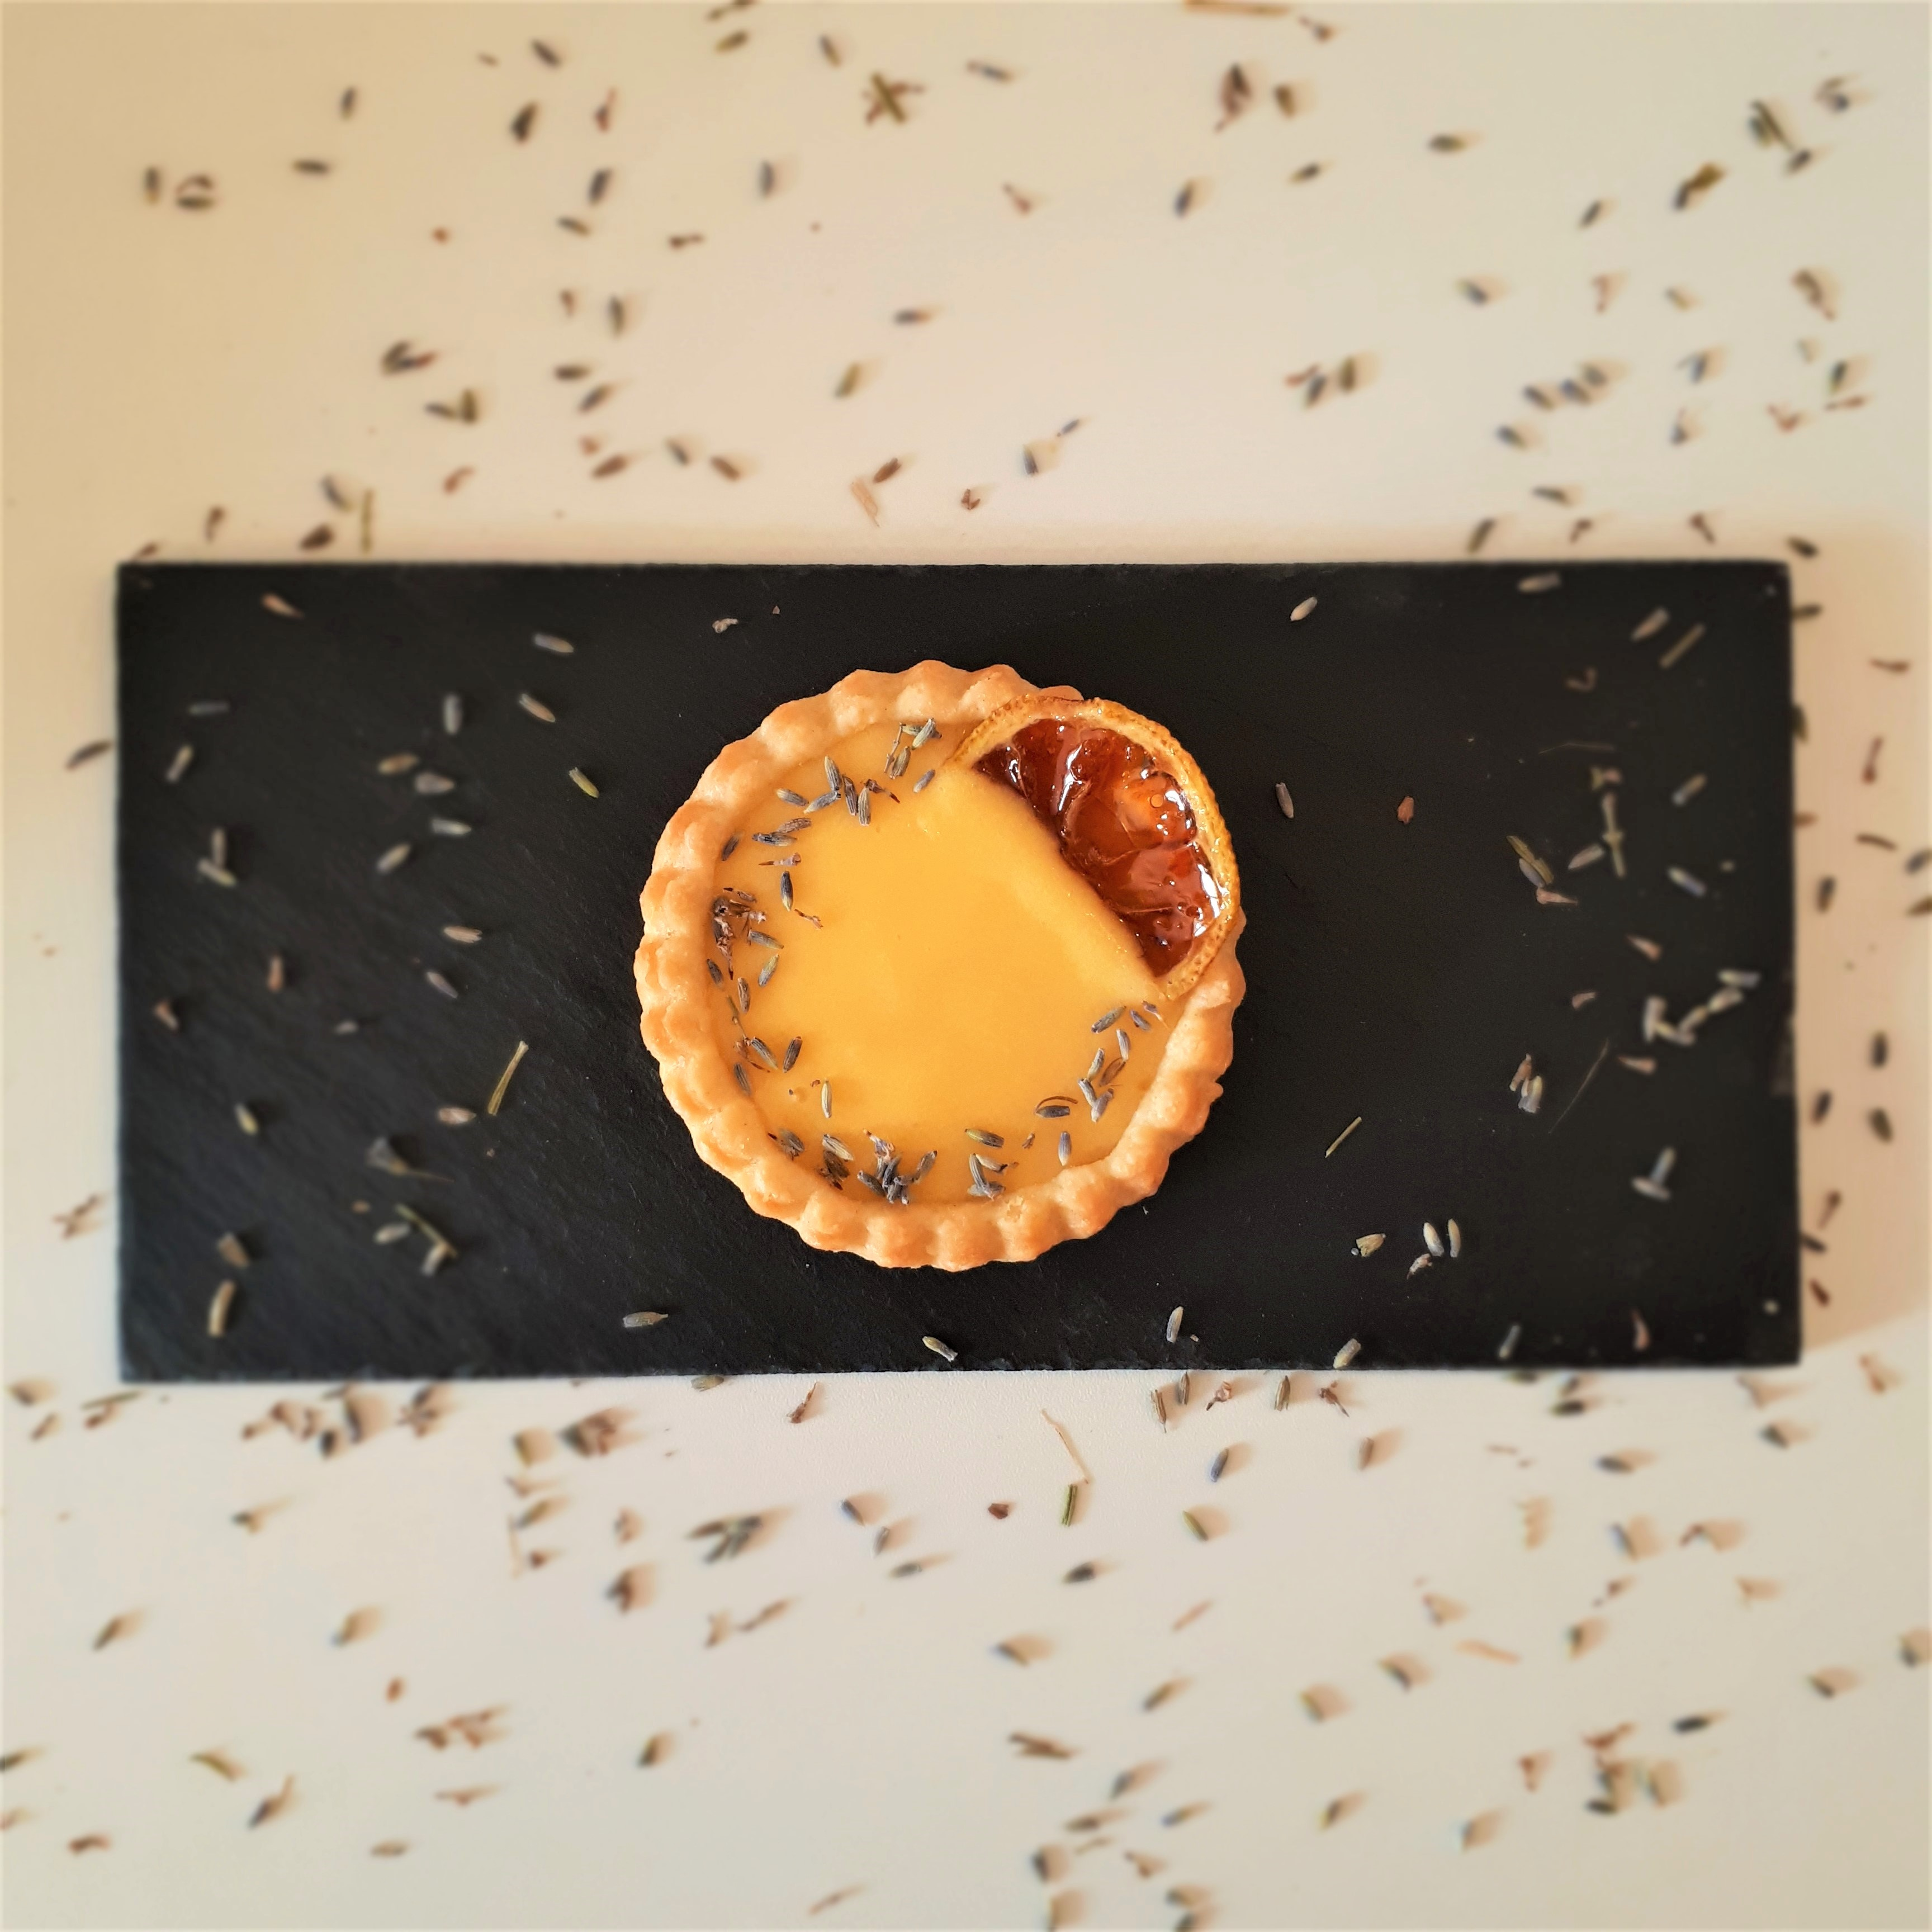 Tartaletka zo svetlého krehkého cesta naplnená citrónovým krémom lemon curd dozdobená plátkom karamelizovaného citróna a sušenou levanduľou na čiernej mramorovej doske na bielom povrchu